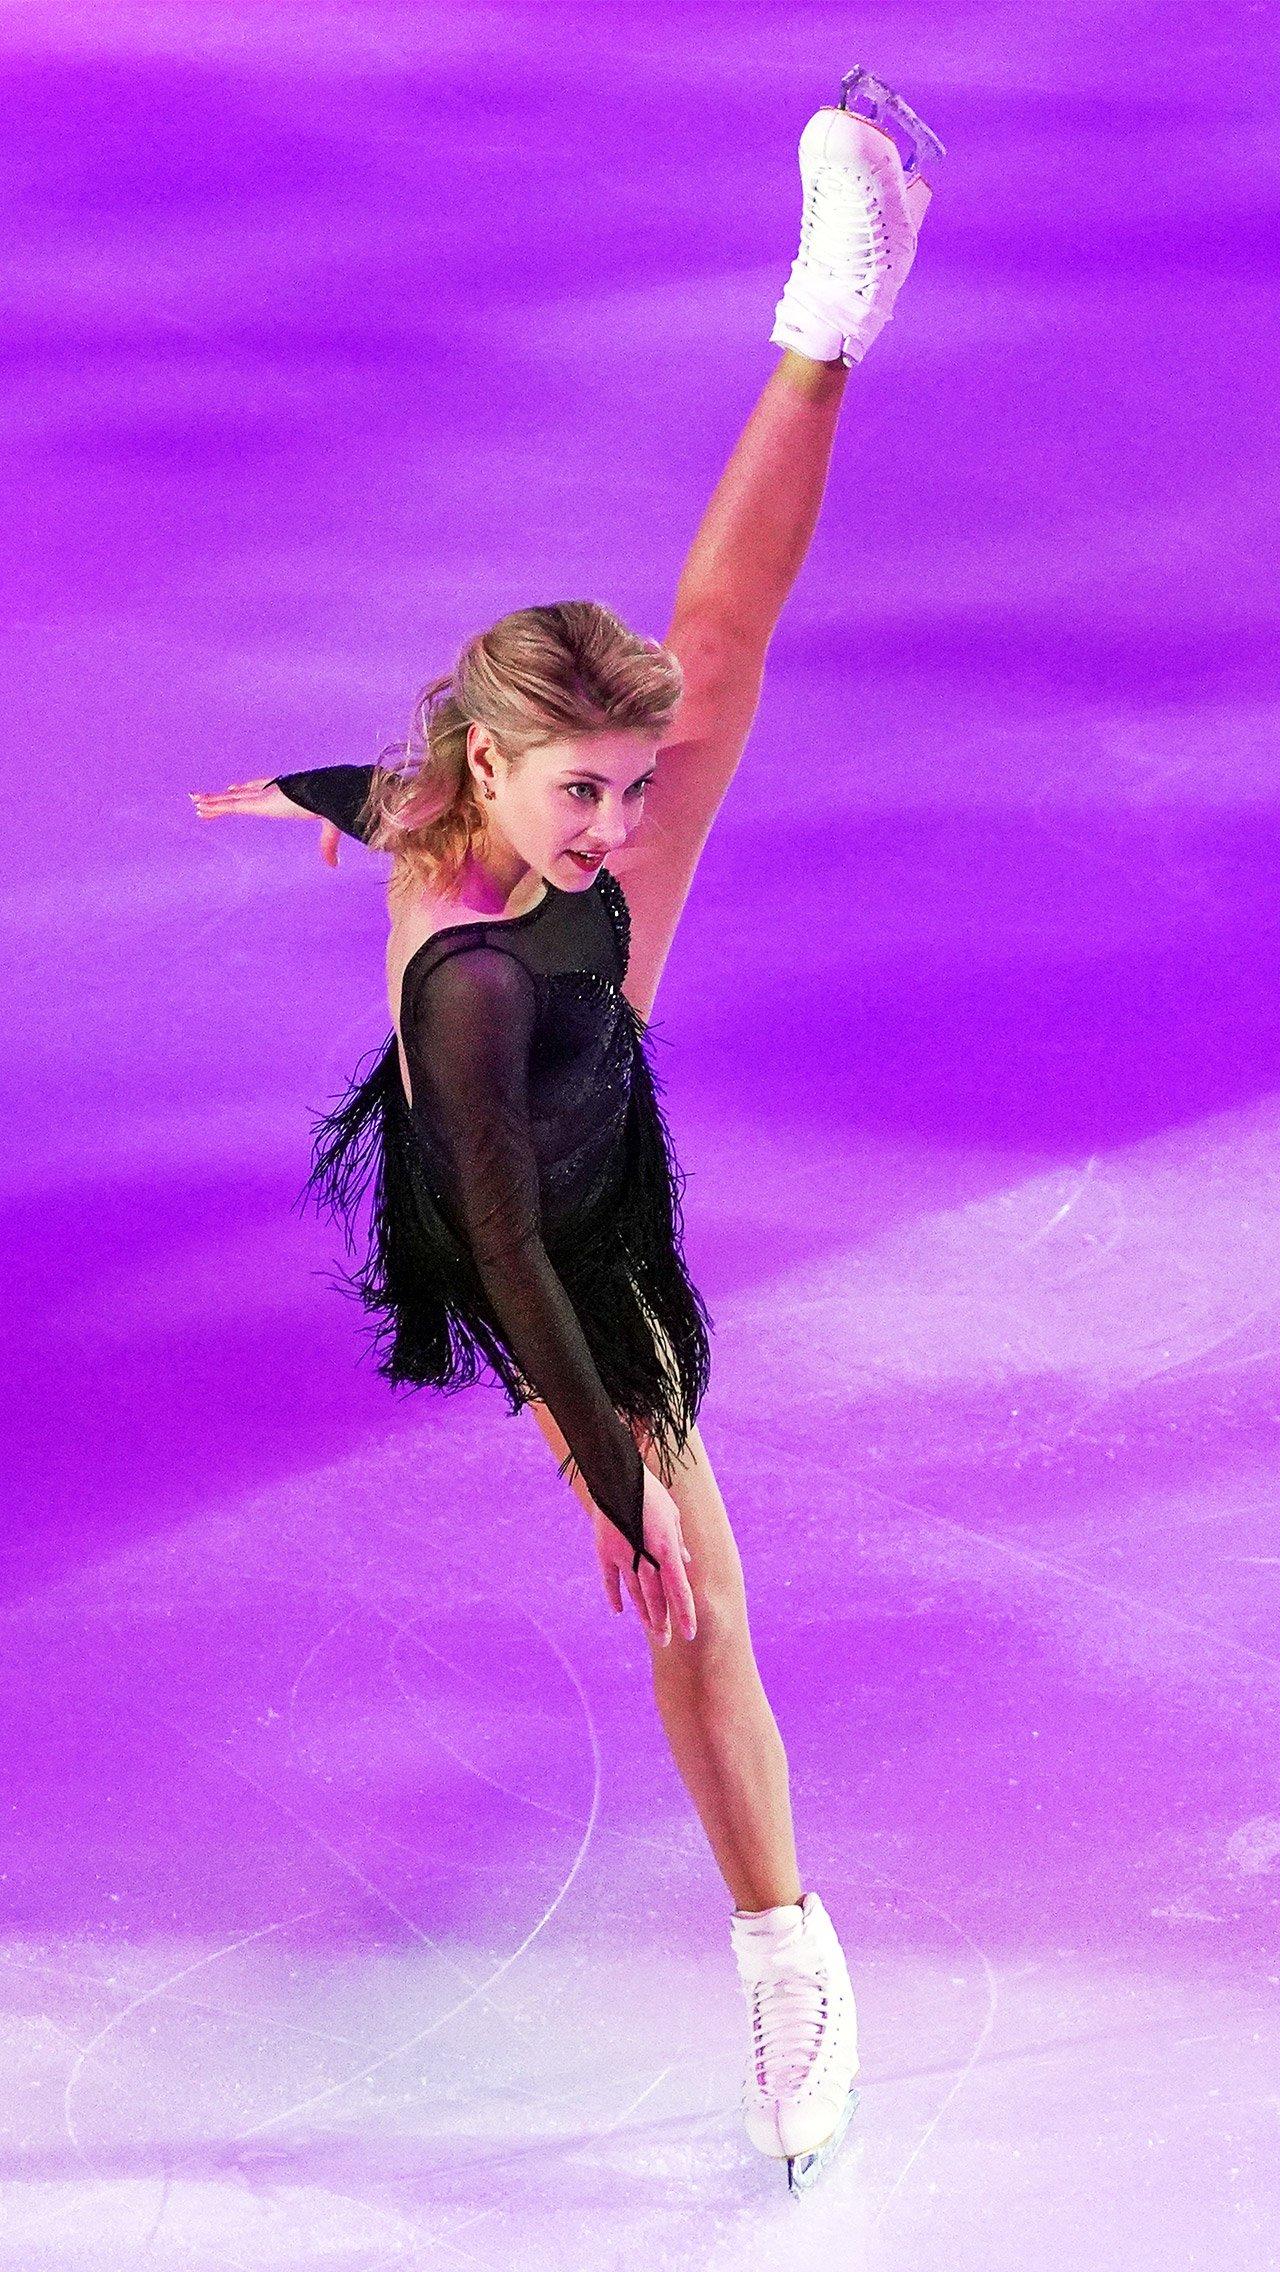 Действующая чемпионка Европы Алёна Косторная вошла только в резервный состав сборной России. Она смогла выполнить только один критерий — выиграла серебро московского Гран-при.